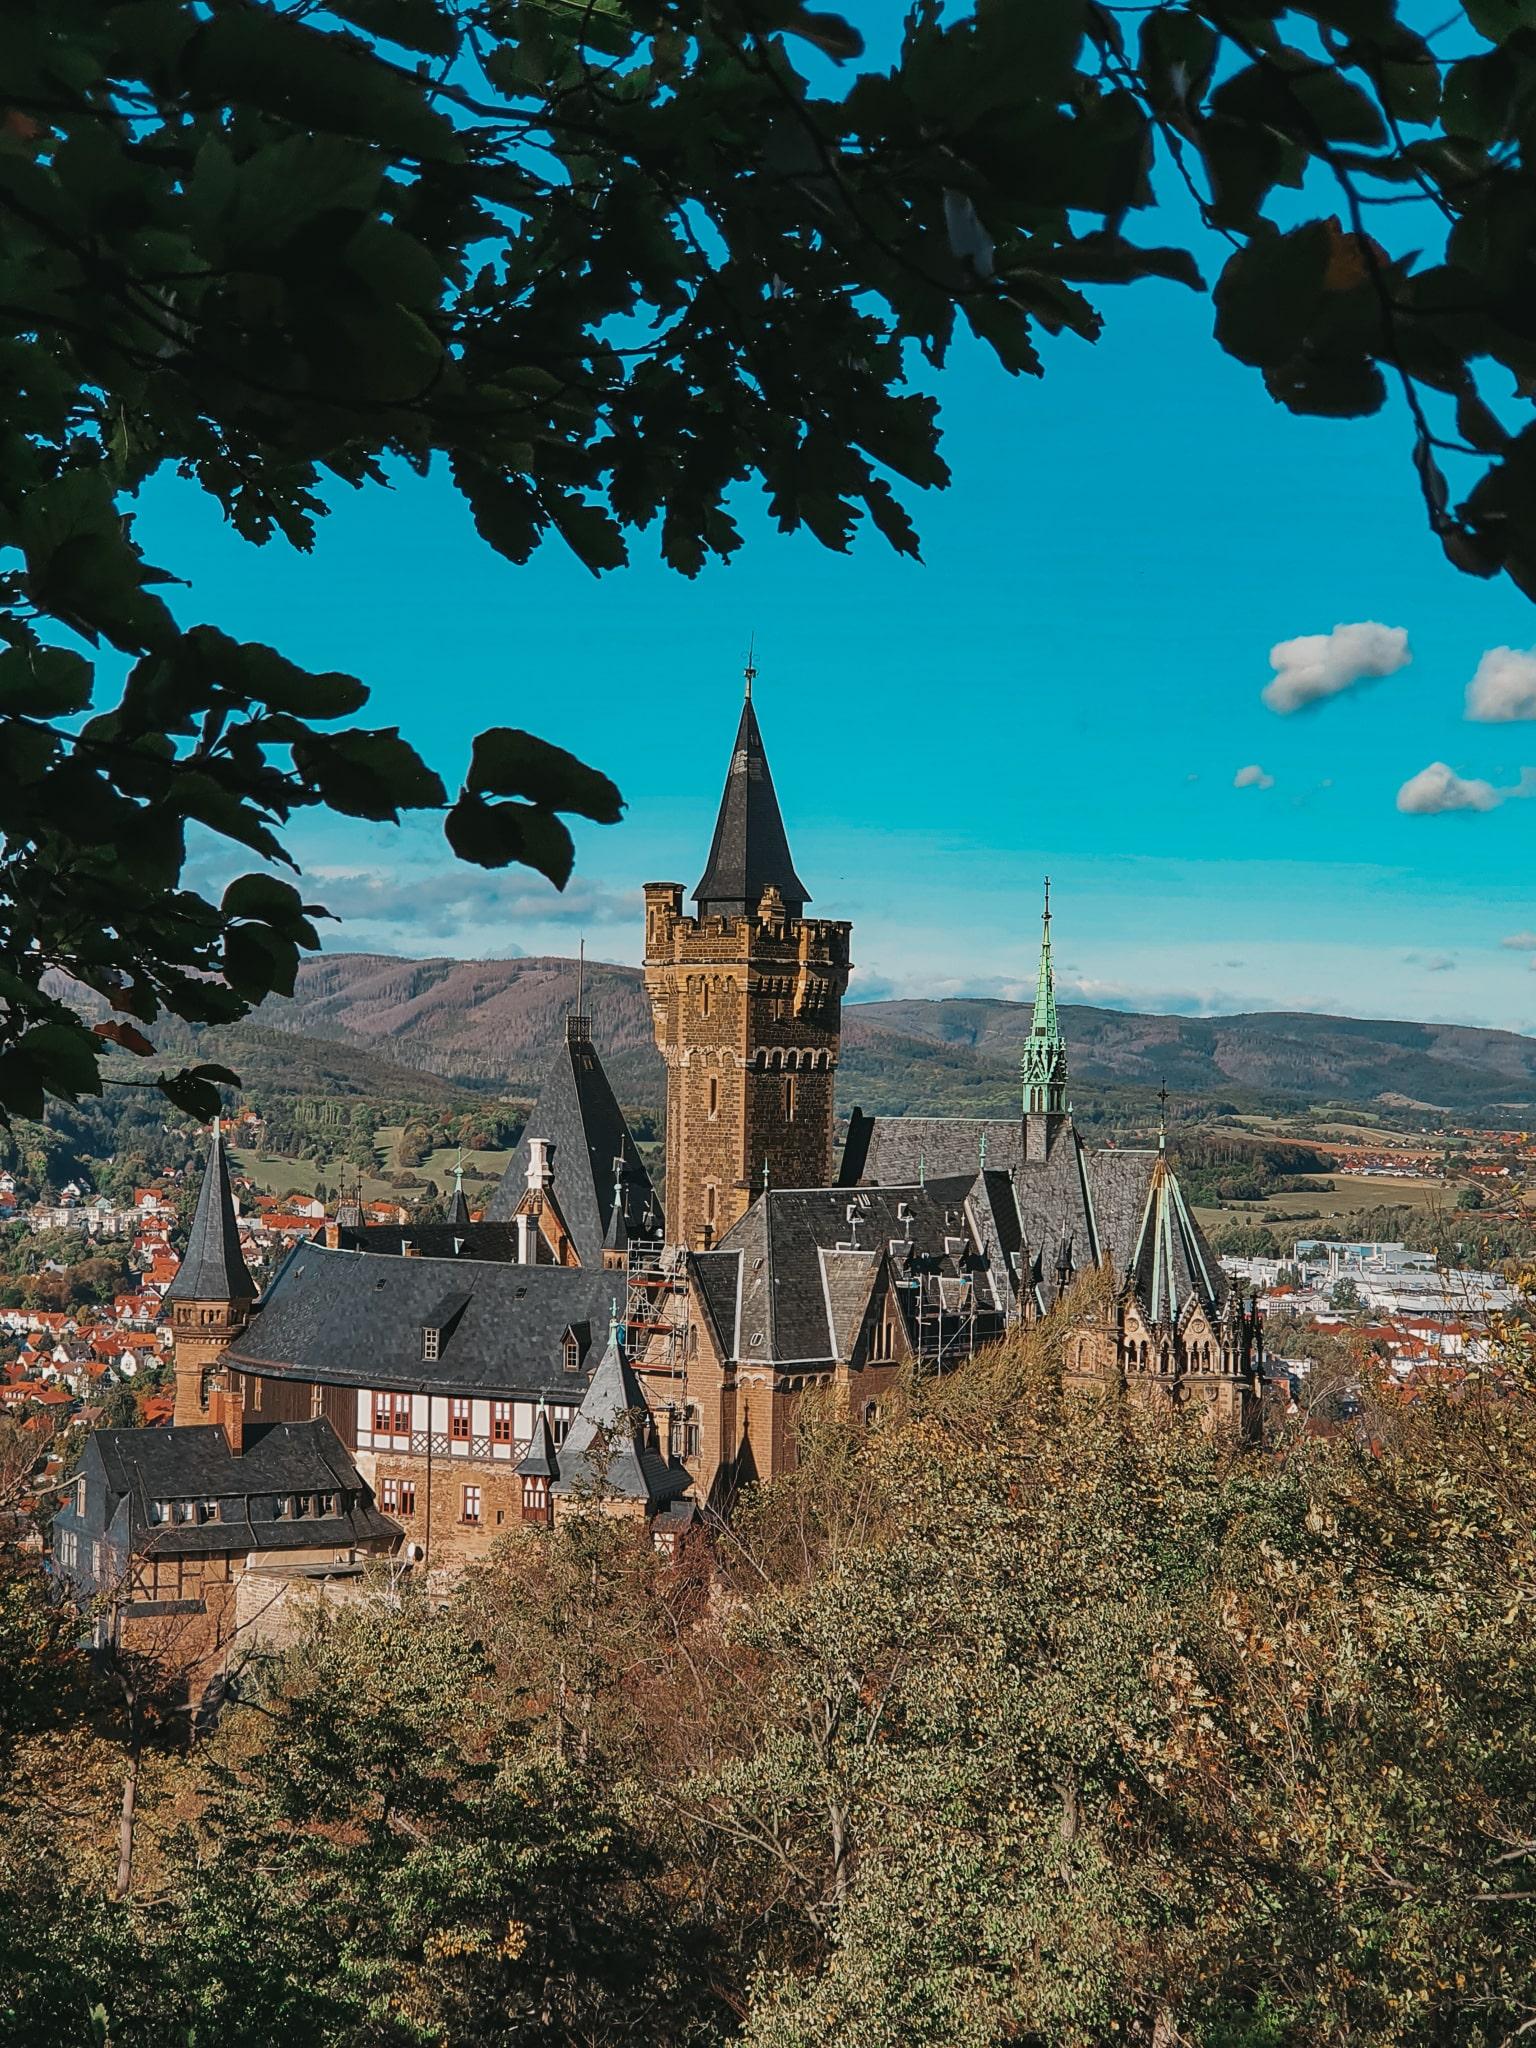 ferienfrei Harz Schloss Wernigerode